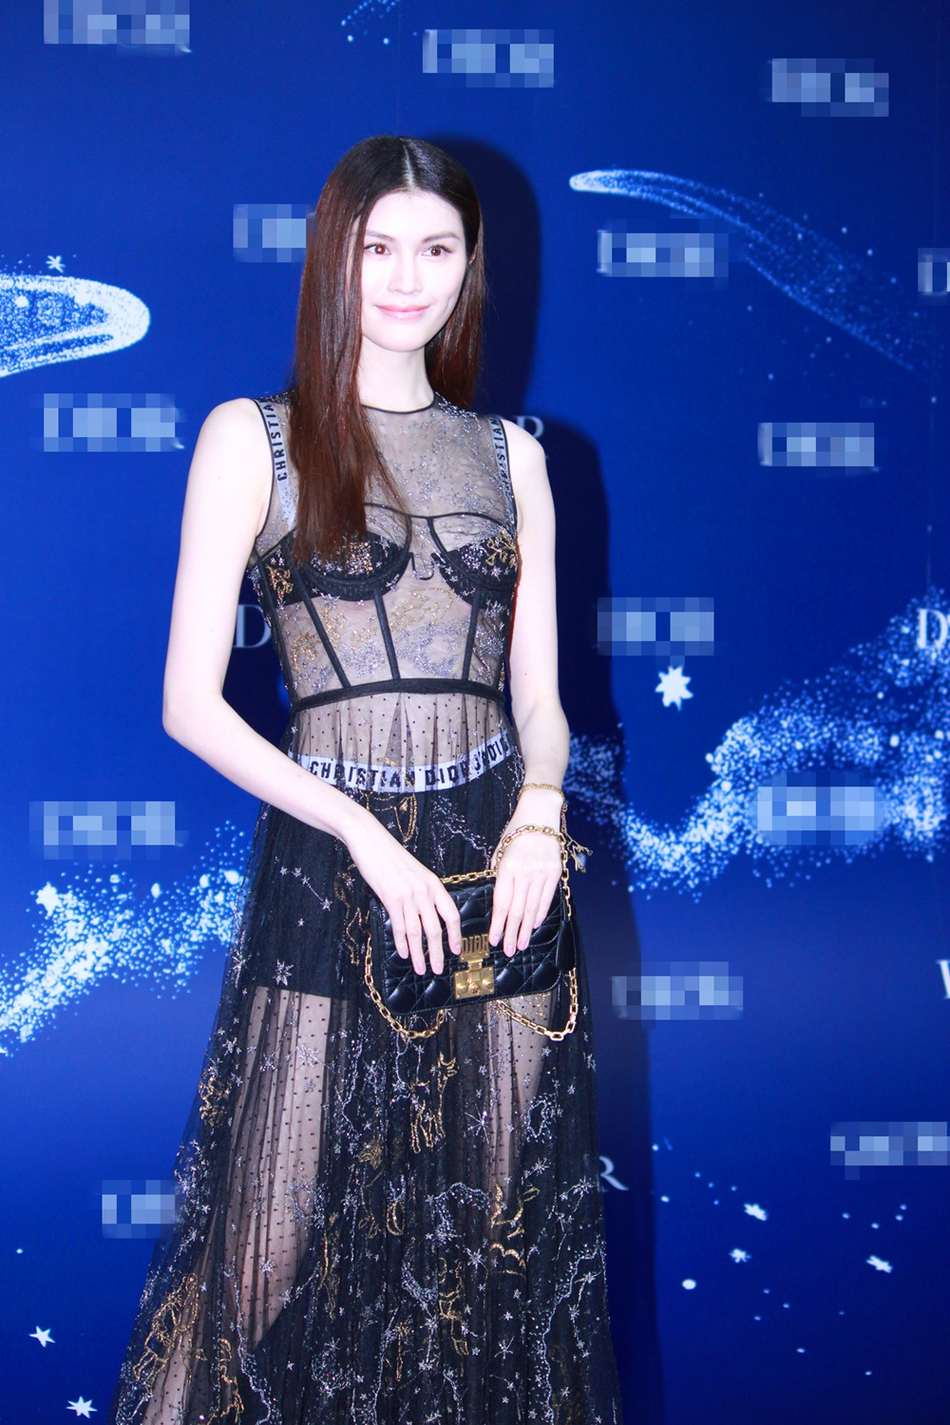 赵丽颖Baby何穗同台比美 露性感酥胸秀修长美腿 风格偶像 图5